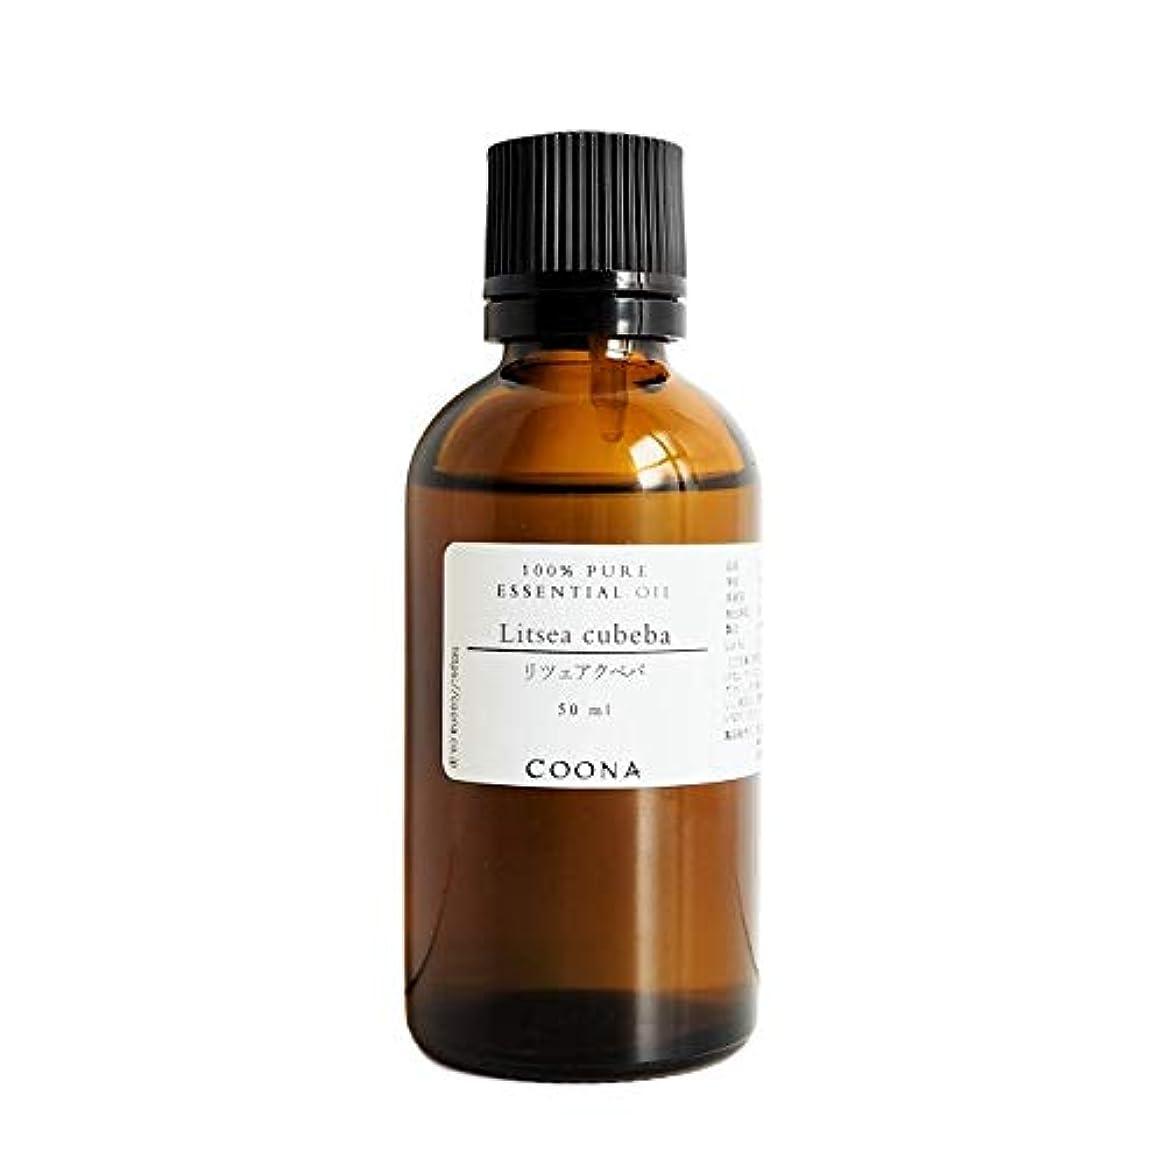 風ハッチ望ましいリツェアクベバ 50 ml (COONA エッセンシャルオイル アロマオイル 100%天然植物精油)